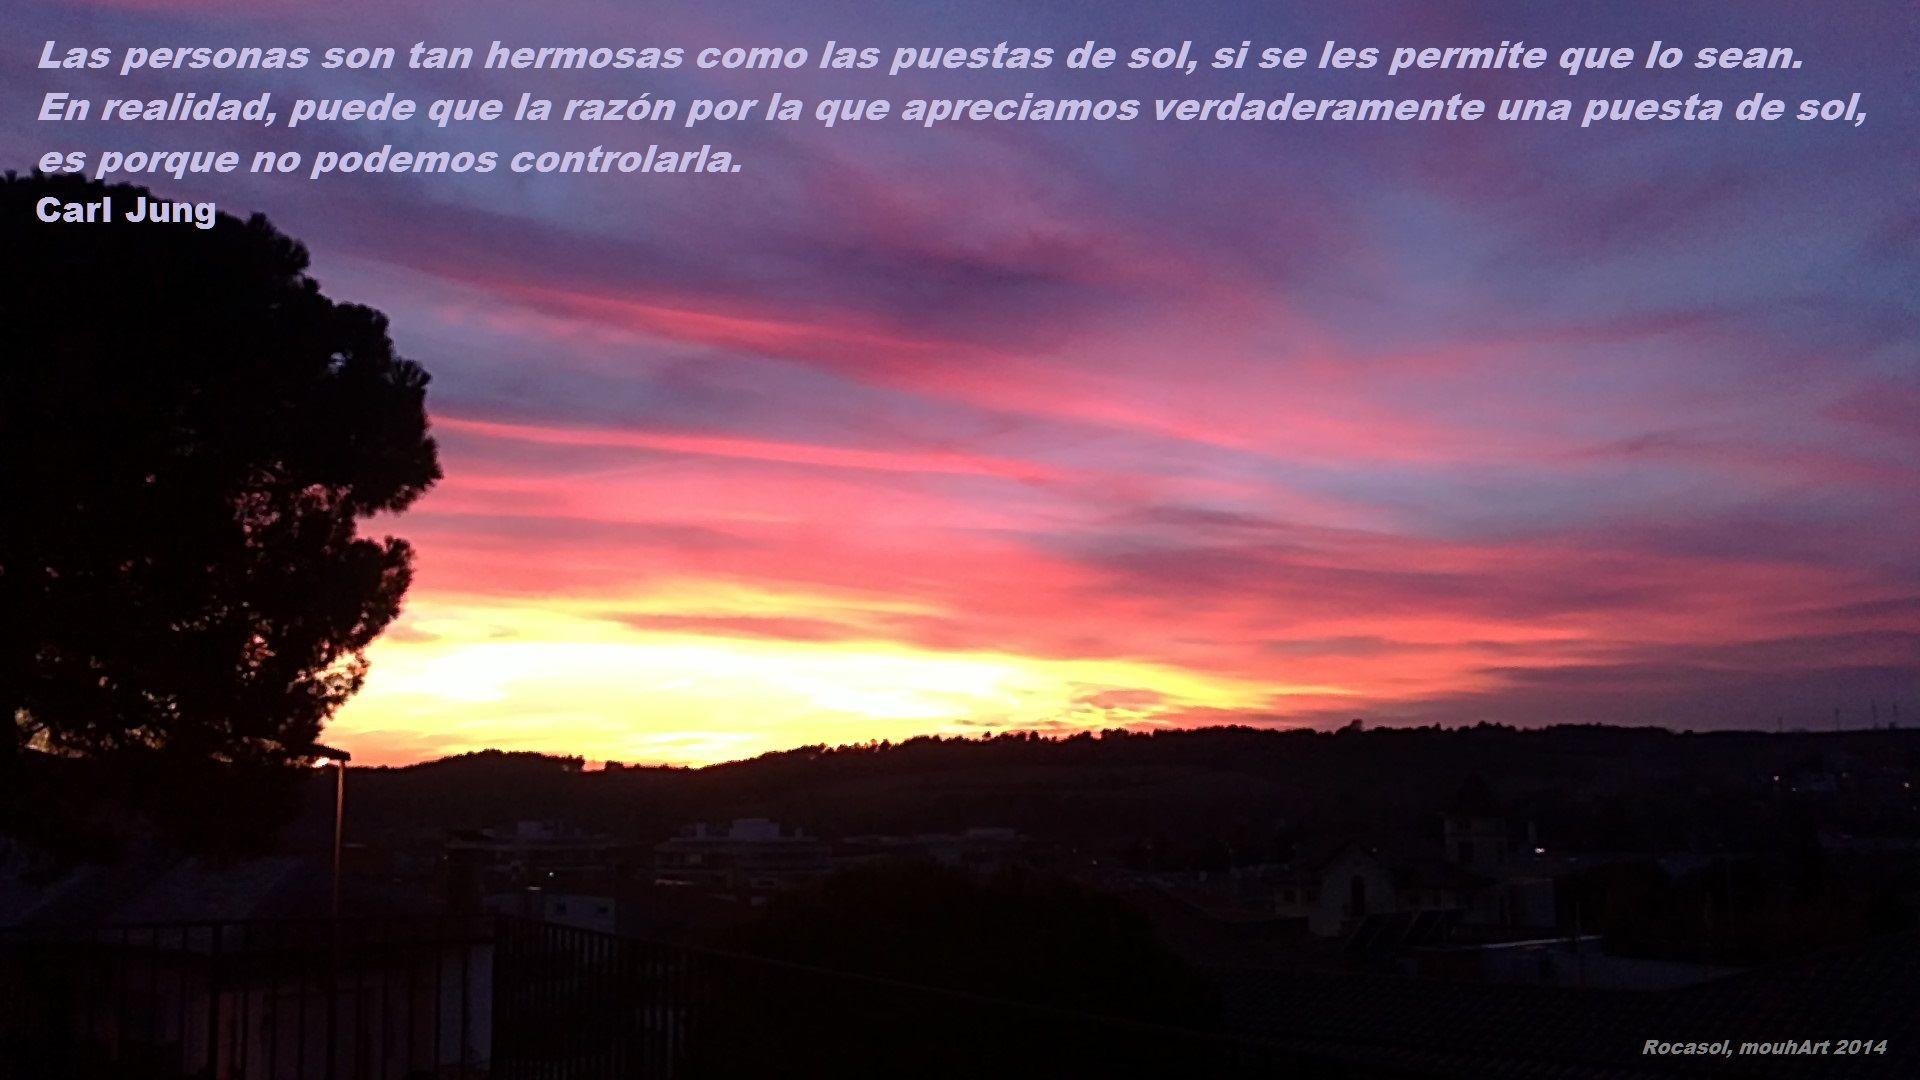 la belleza de una puesta de sol